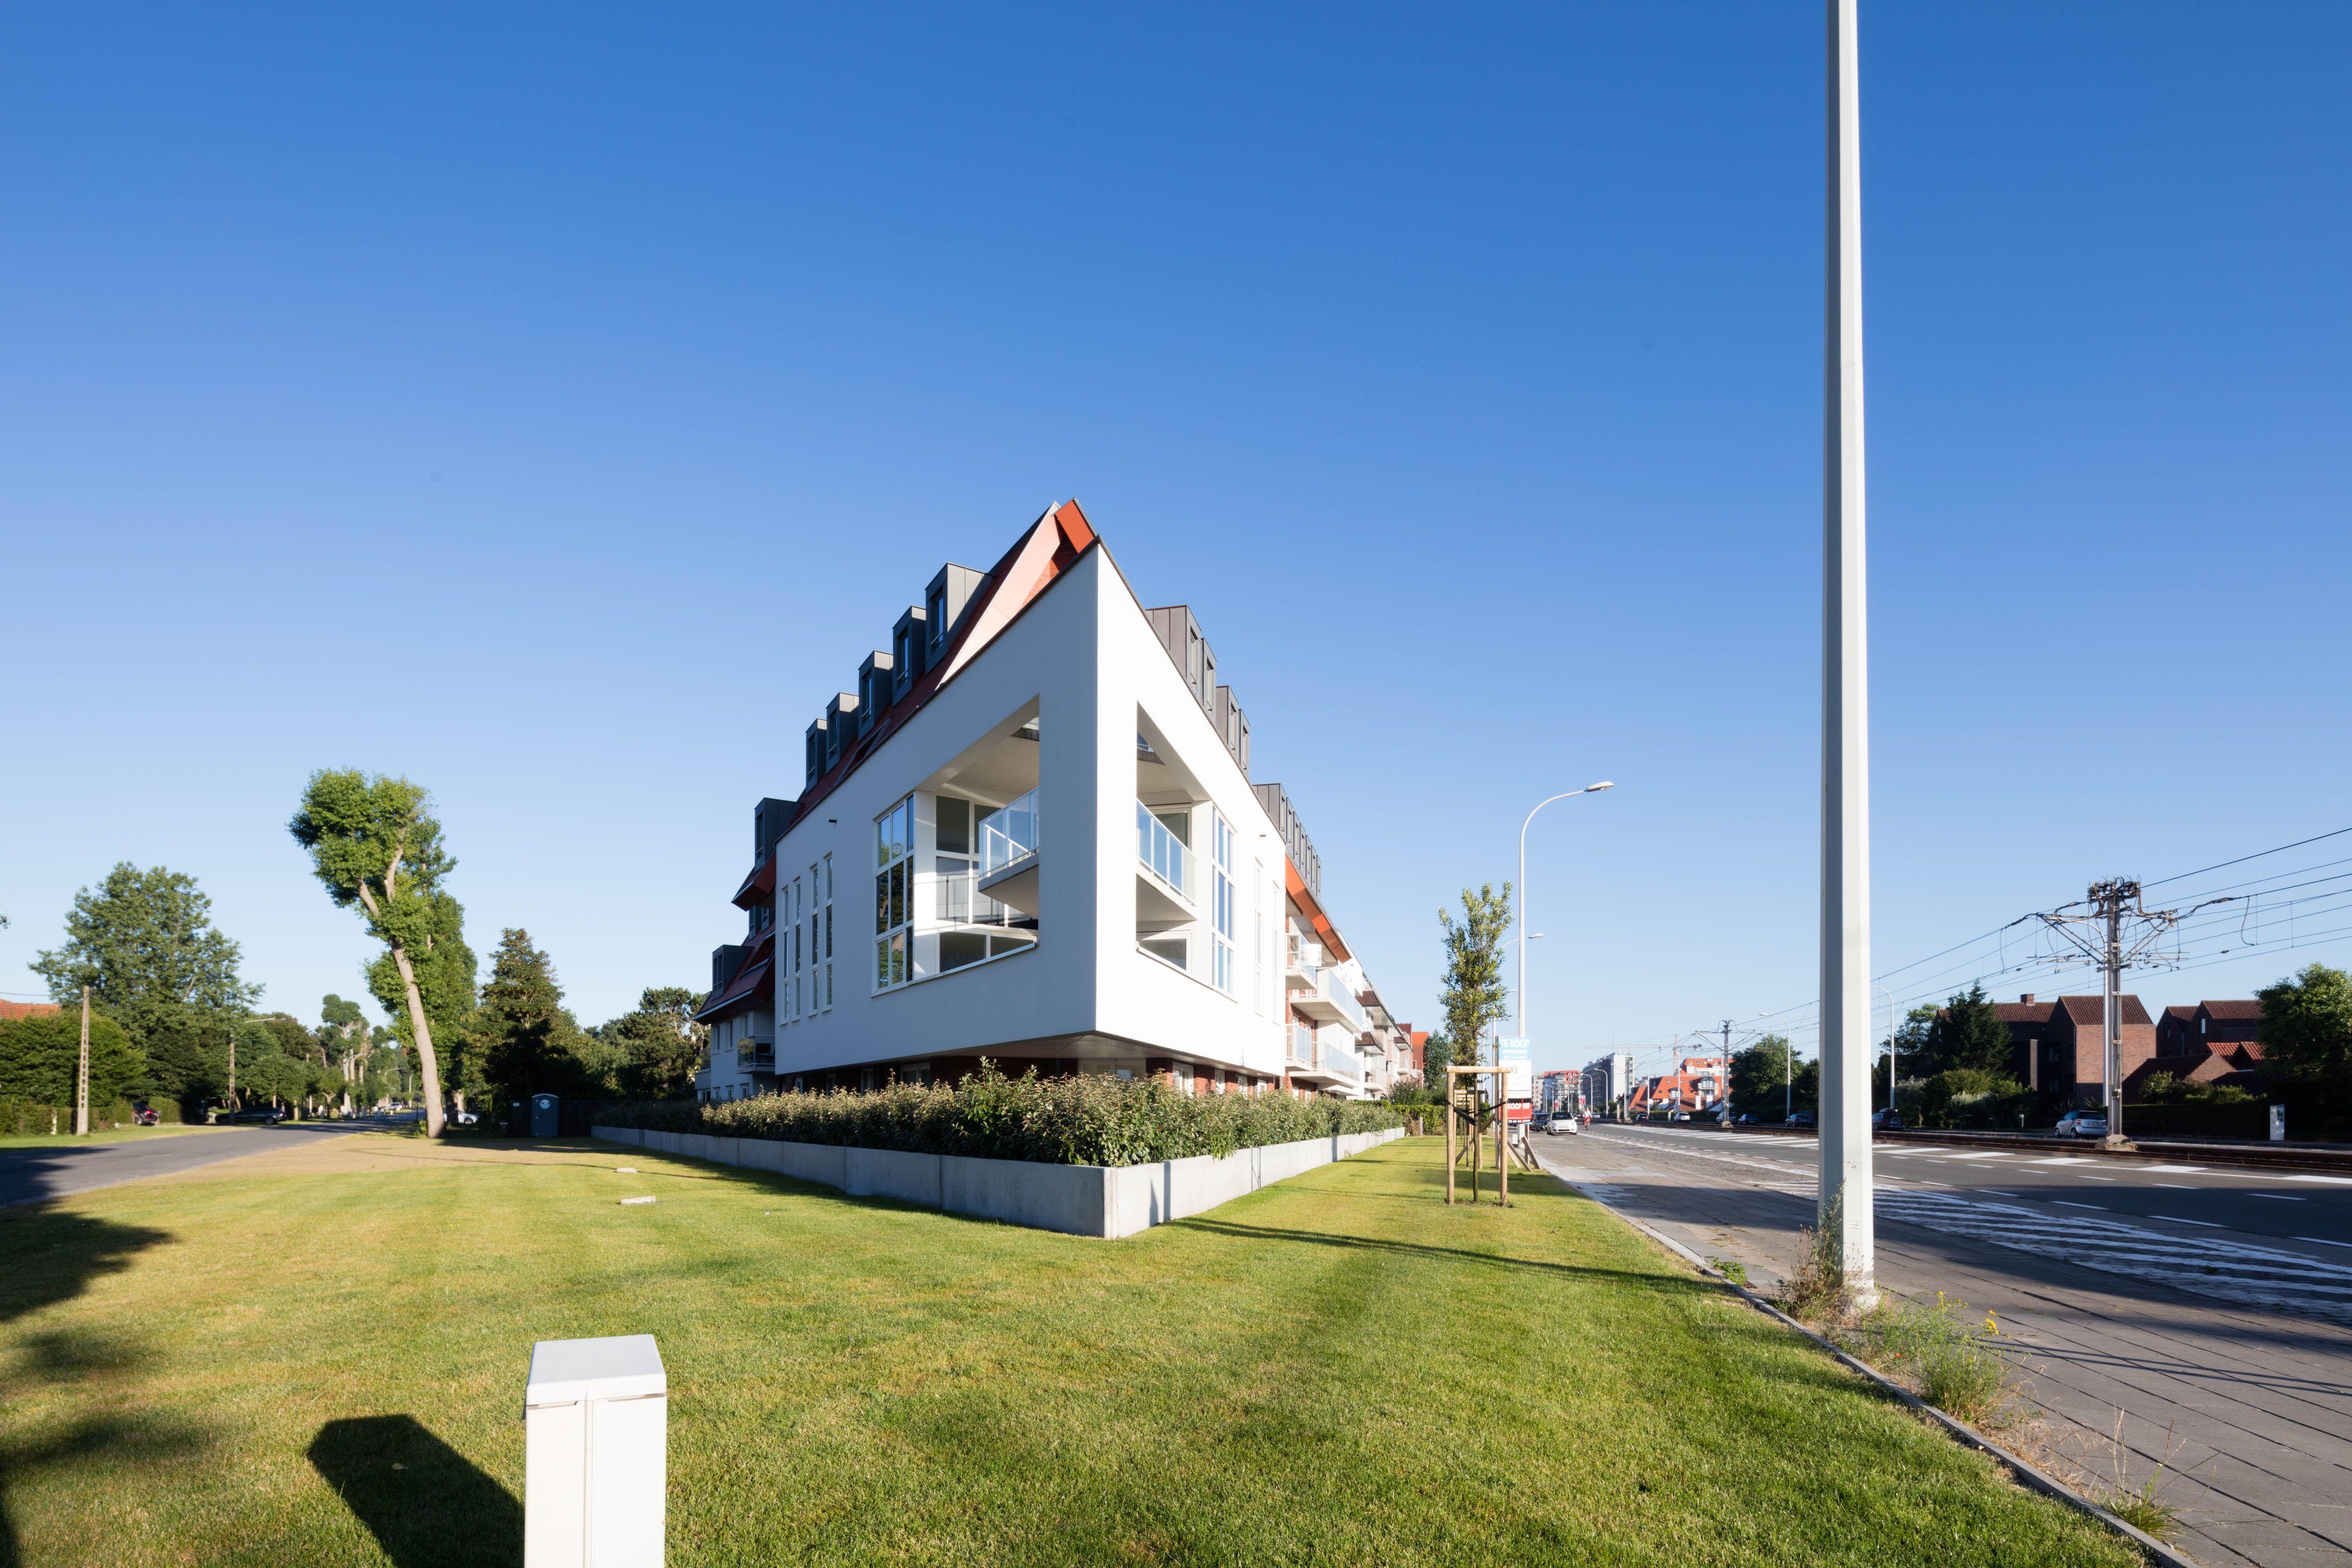 Appartement Residentie Villa Crombez Nieuwpoort - 8395